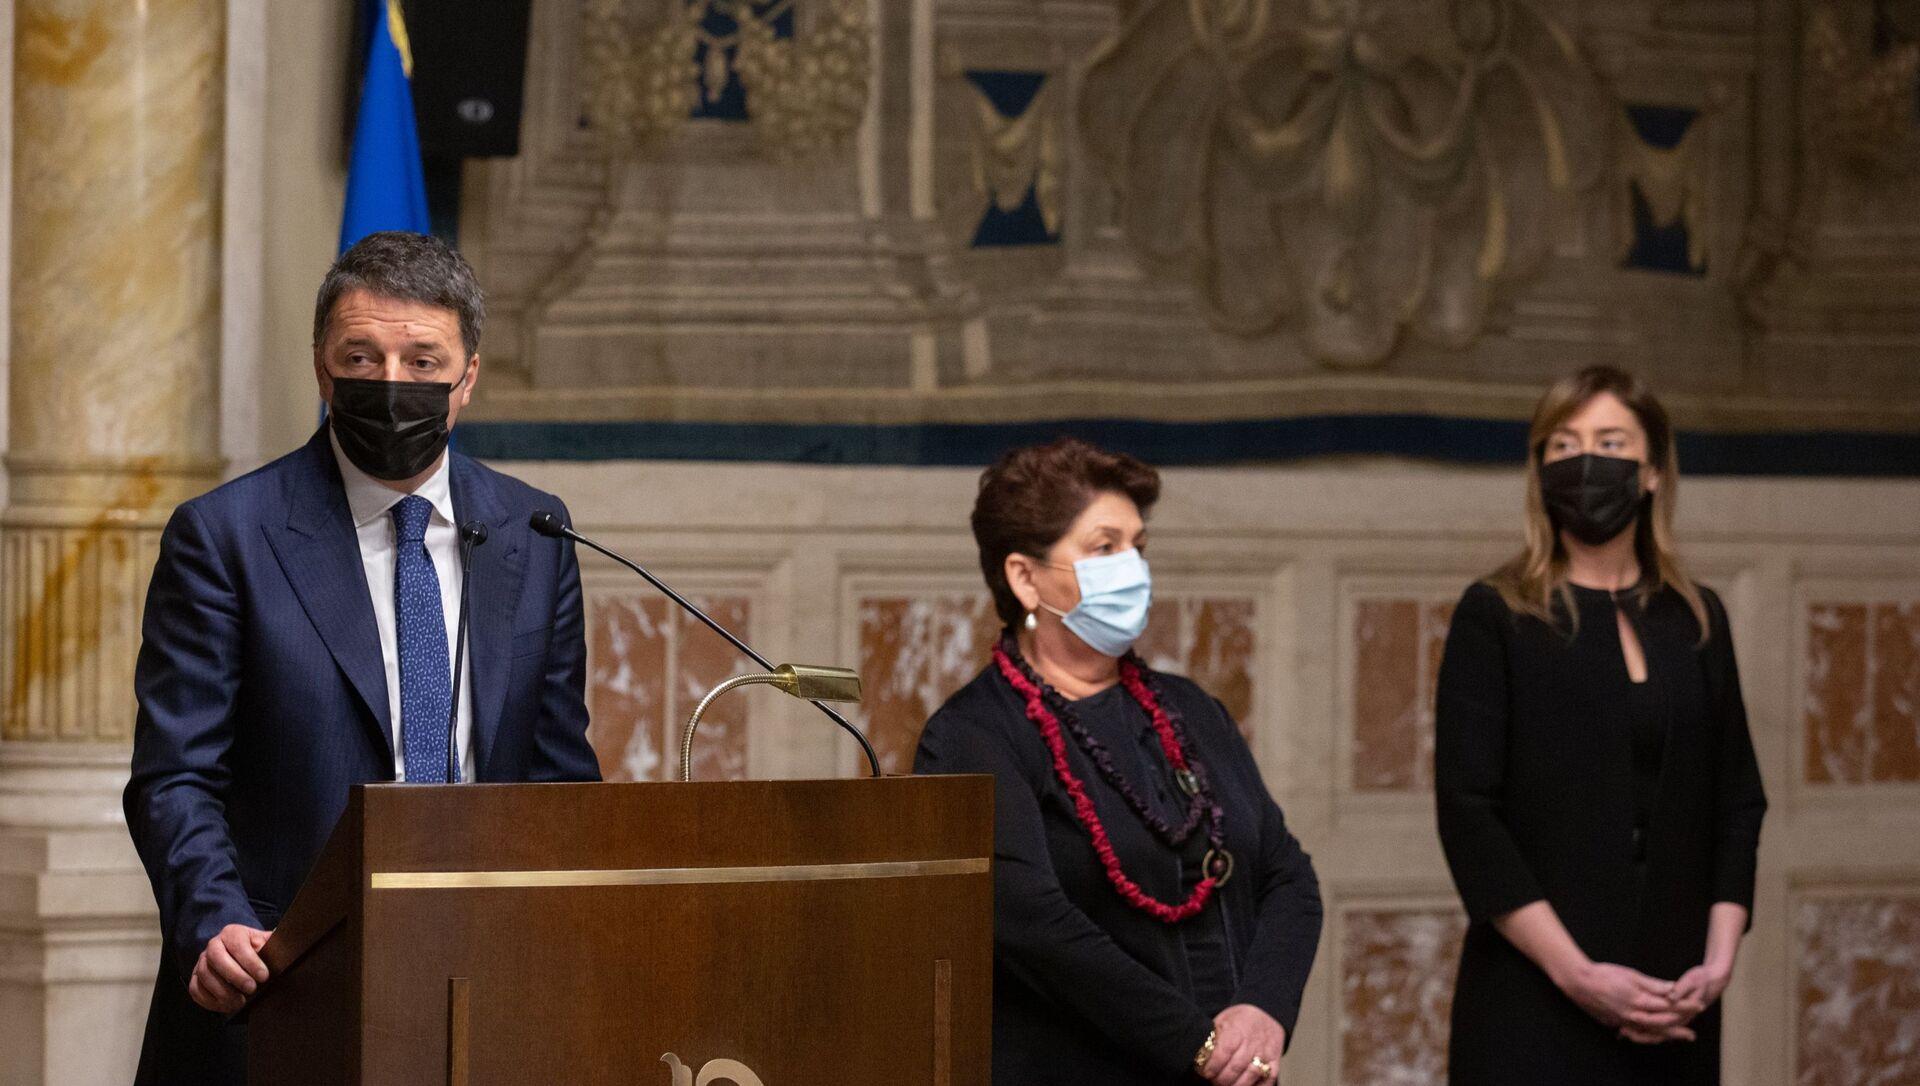 Matteo Renzi al termine delle consultazioni con Roberto Fico - Sputnik Italia, 1920, 05.02.2021